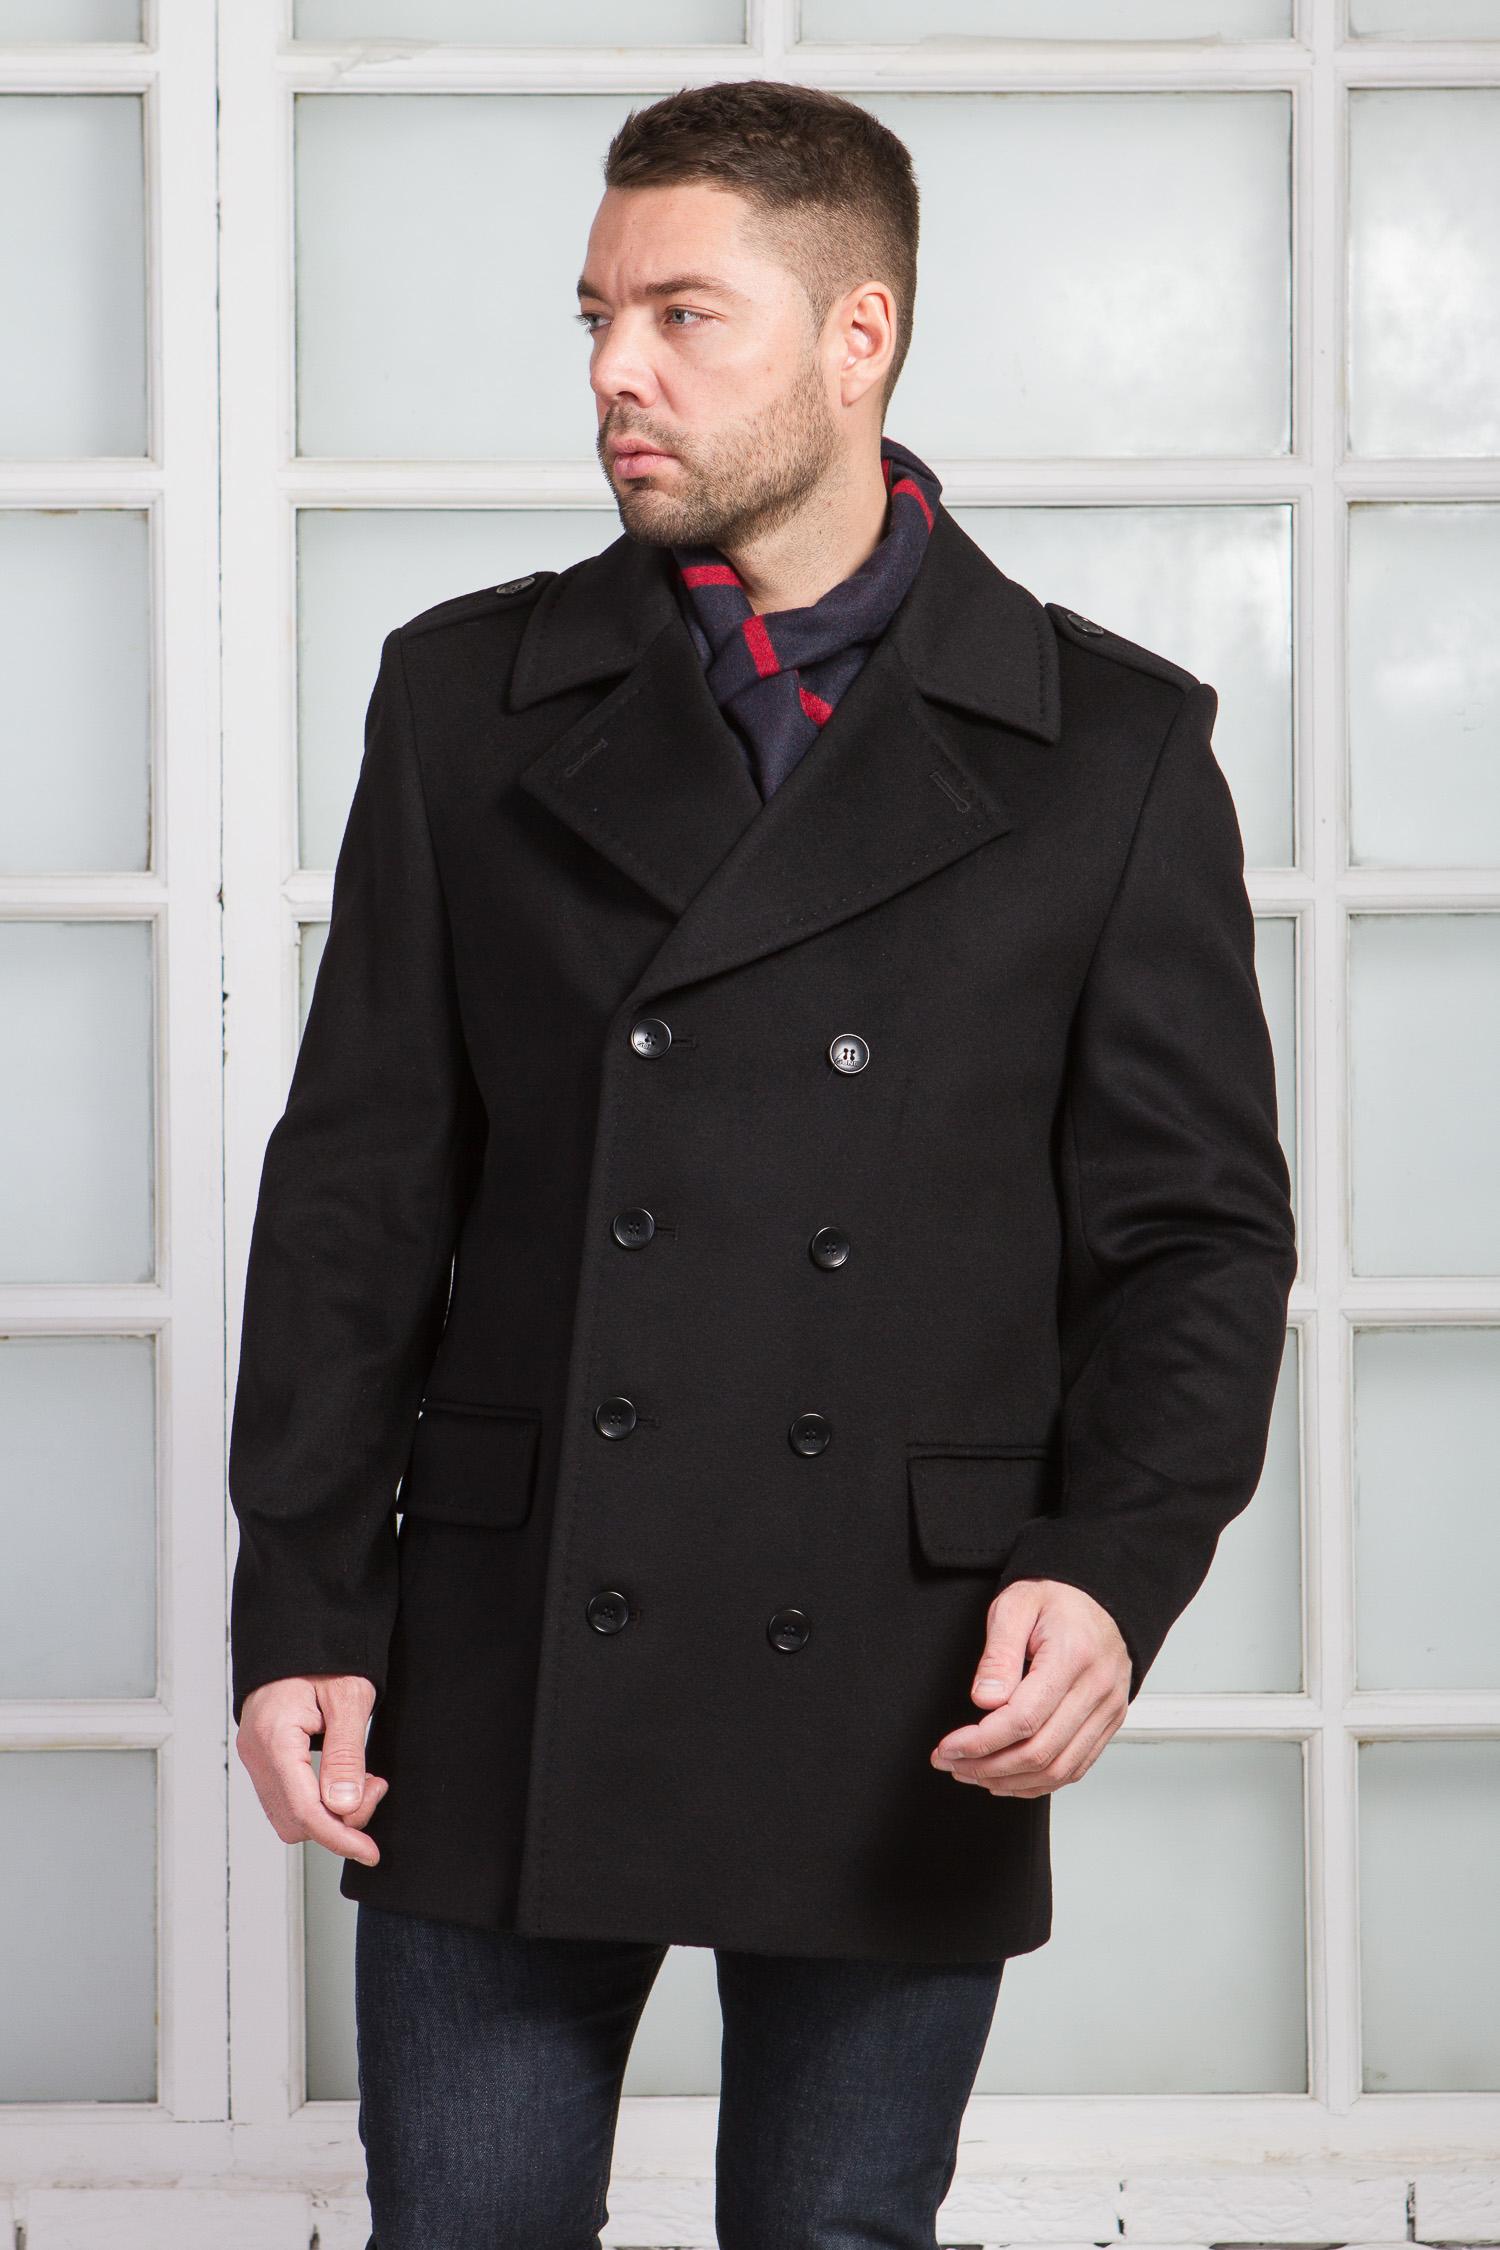 Мужское полупальто из текстиля с воротником, без отделки Мужское полупальто из текстиля с воротником, без отделки